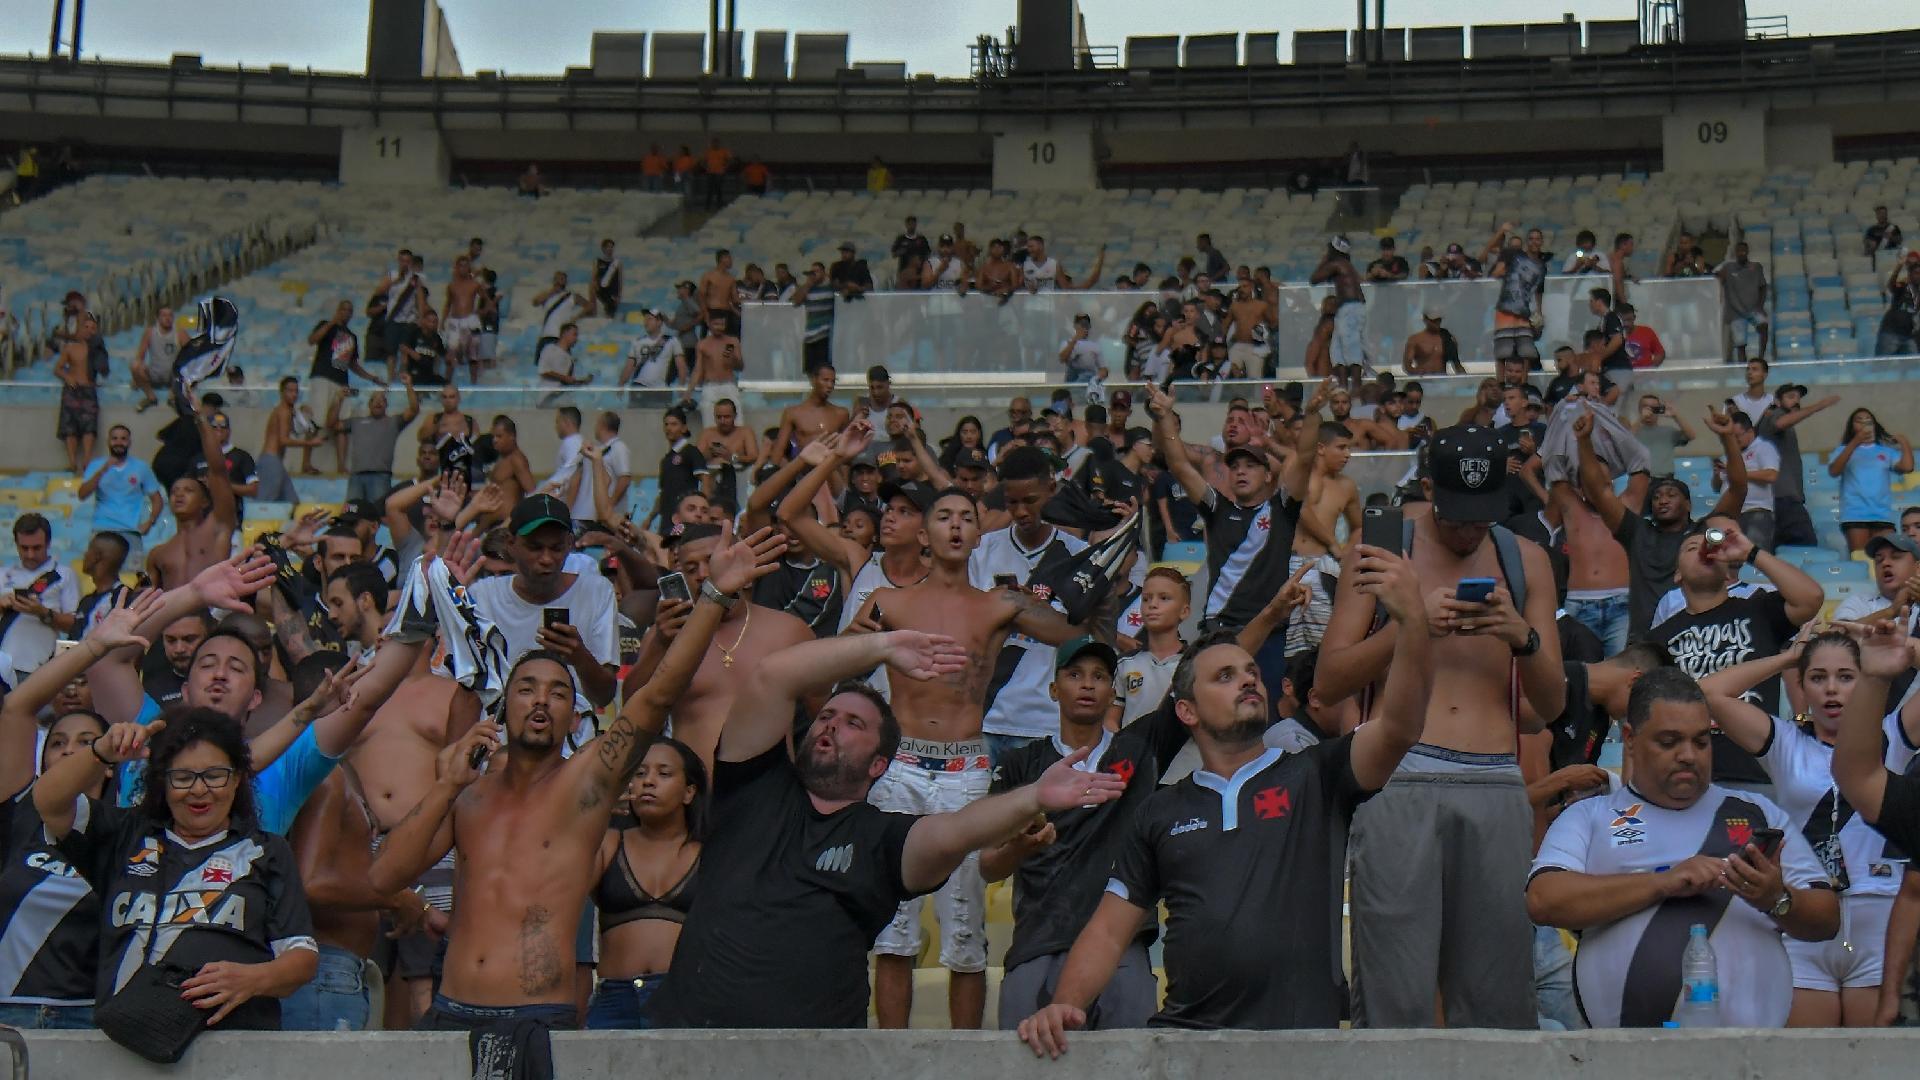 Torcida do Vasco entrou no Maracanã com quase 30 minutos de jogo